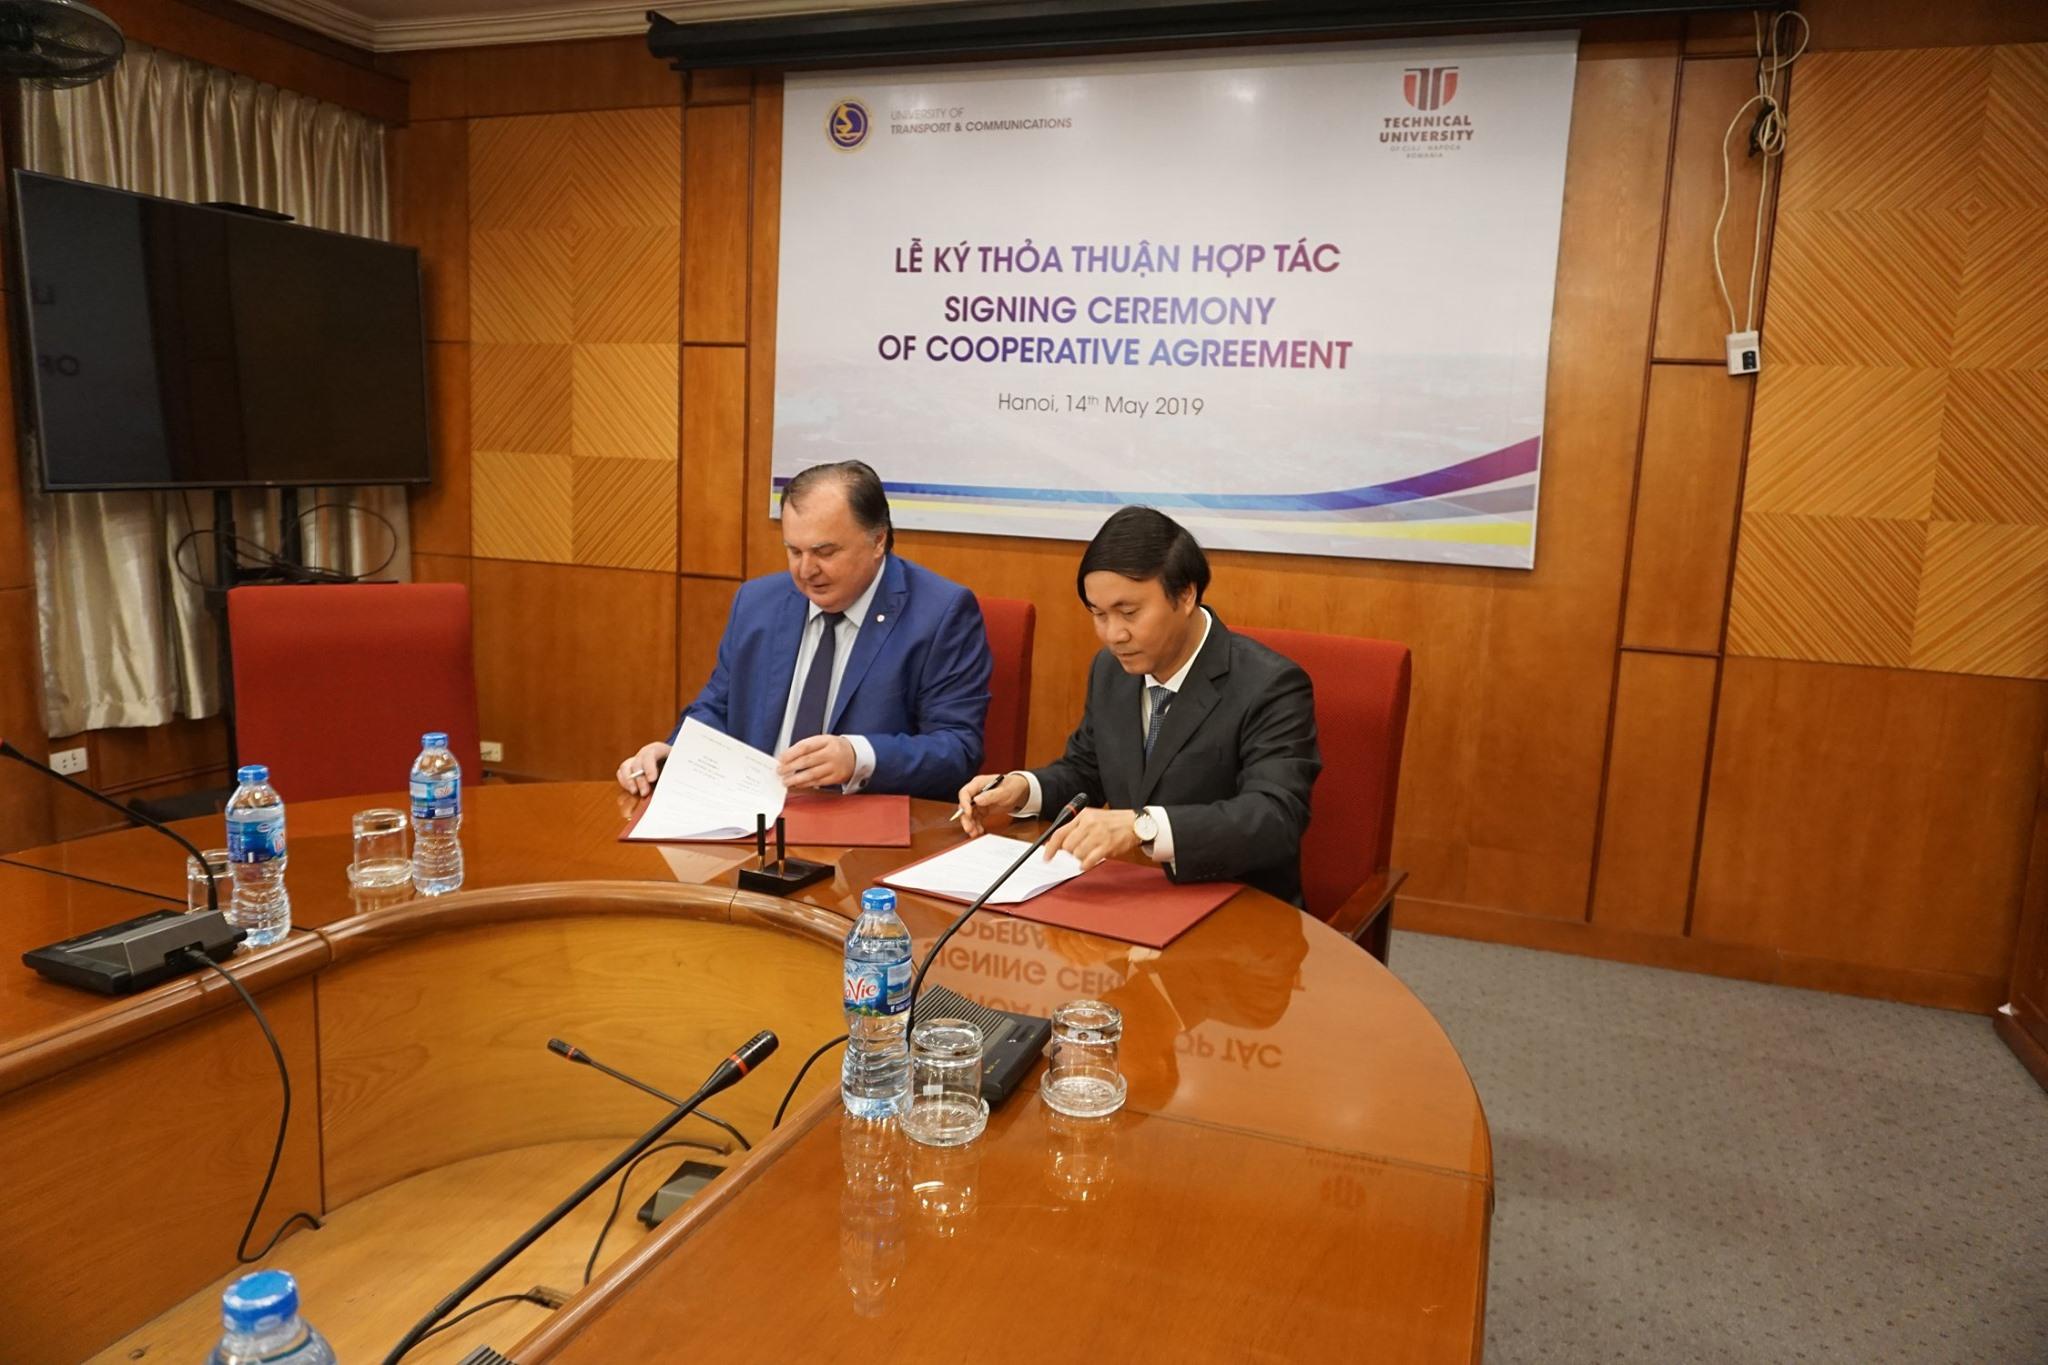 utcn a încheiat acorduri de colaborare cu două dintre cele mai prestigioase universități din vietnam